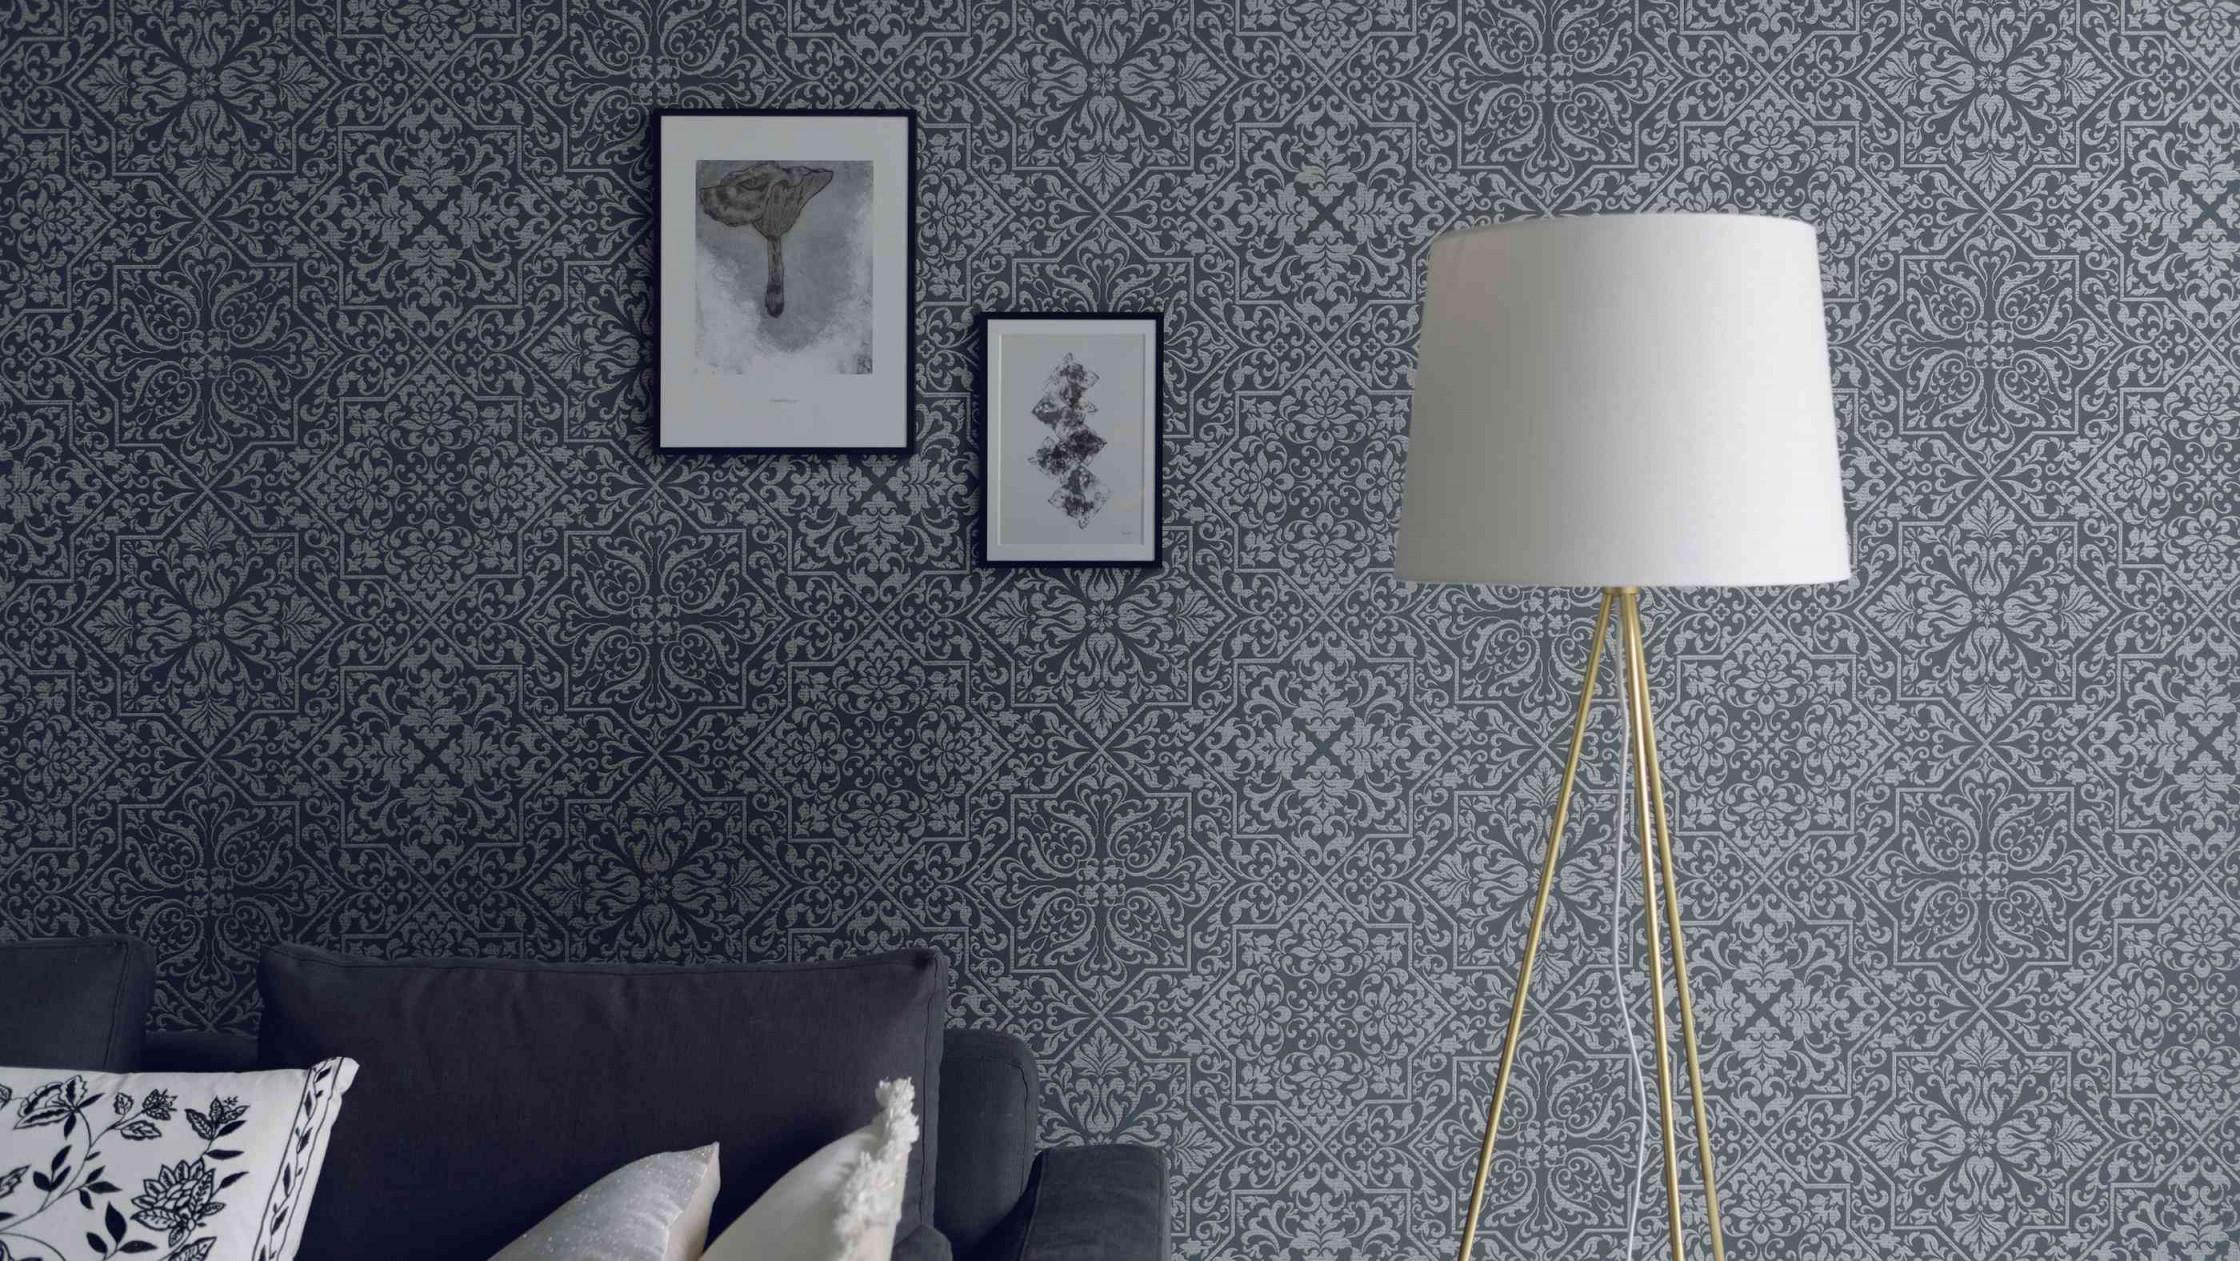 Tapetentrends 2020 So Sehen Die Tapeten Der Zukunft Aus von Tapeten Für Das Wohnzimmer Bild